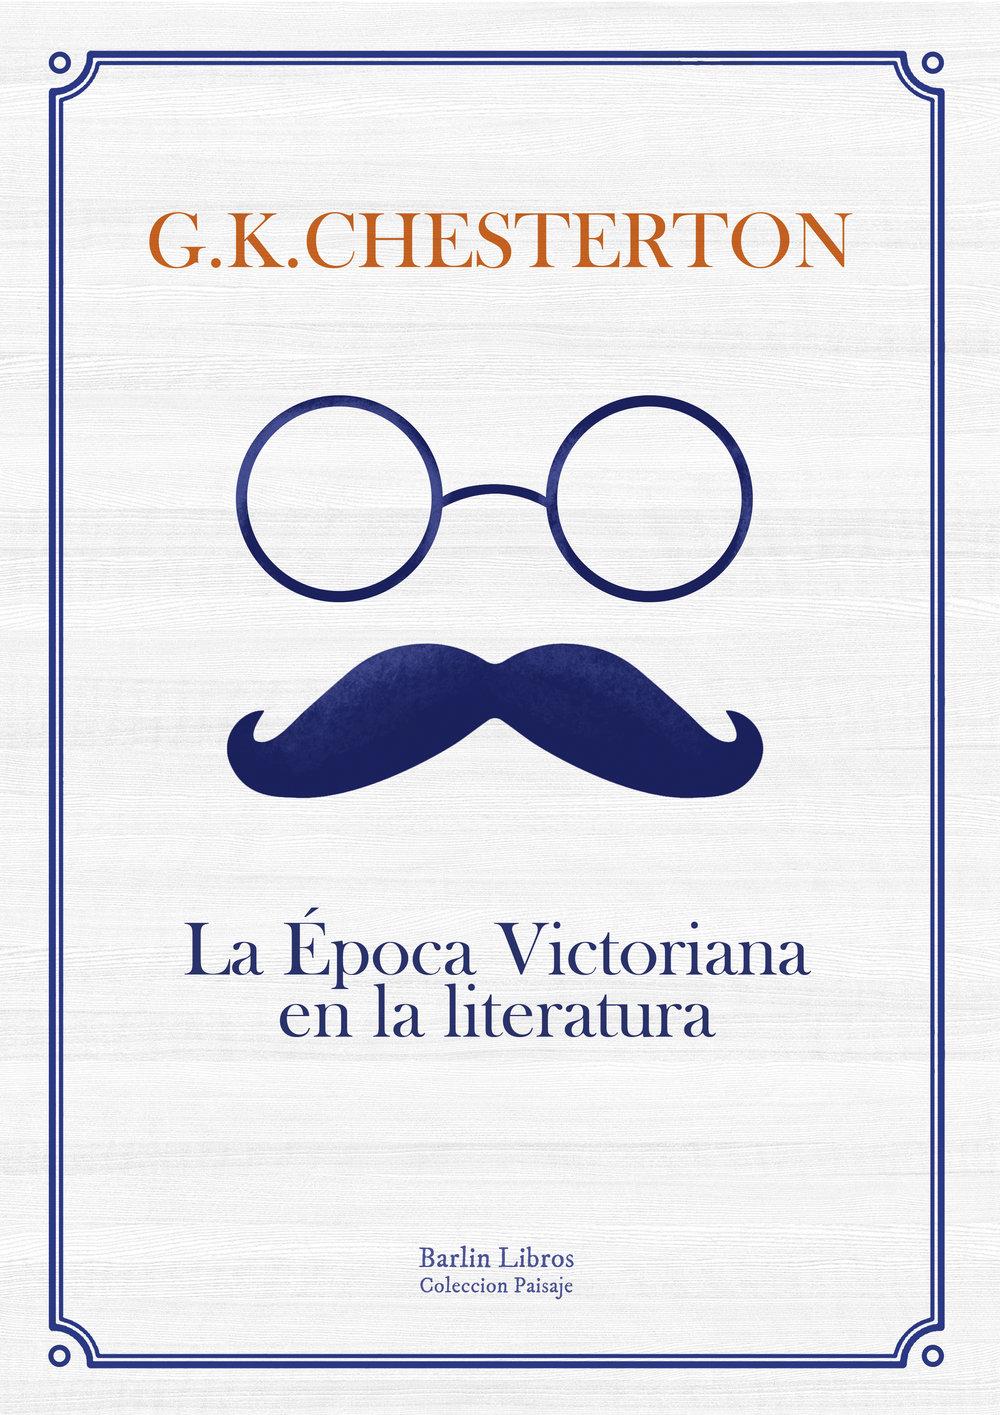 PORTADA Chesterton.jpg